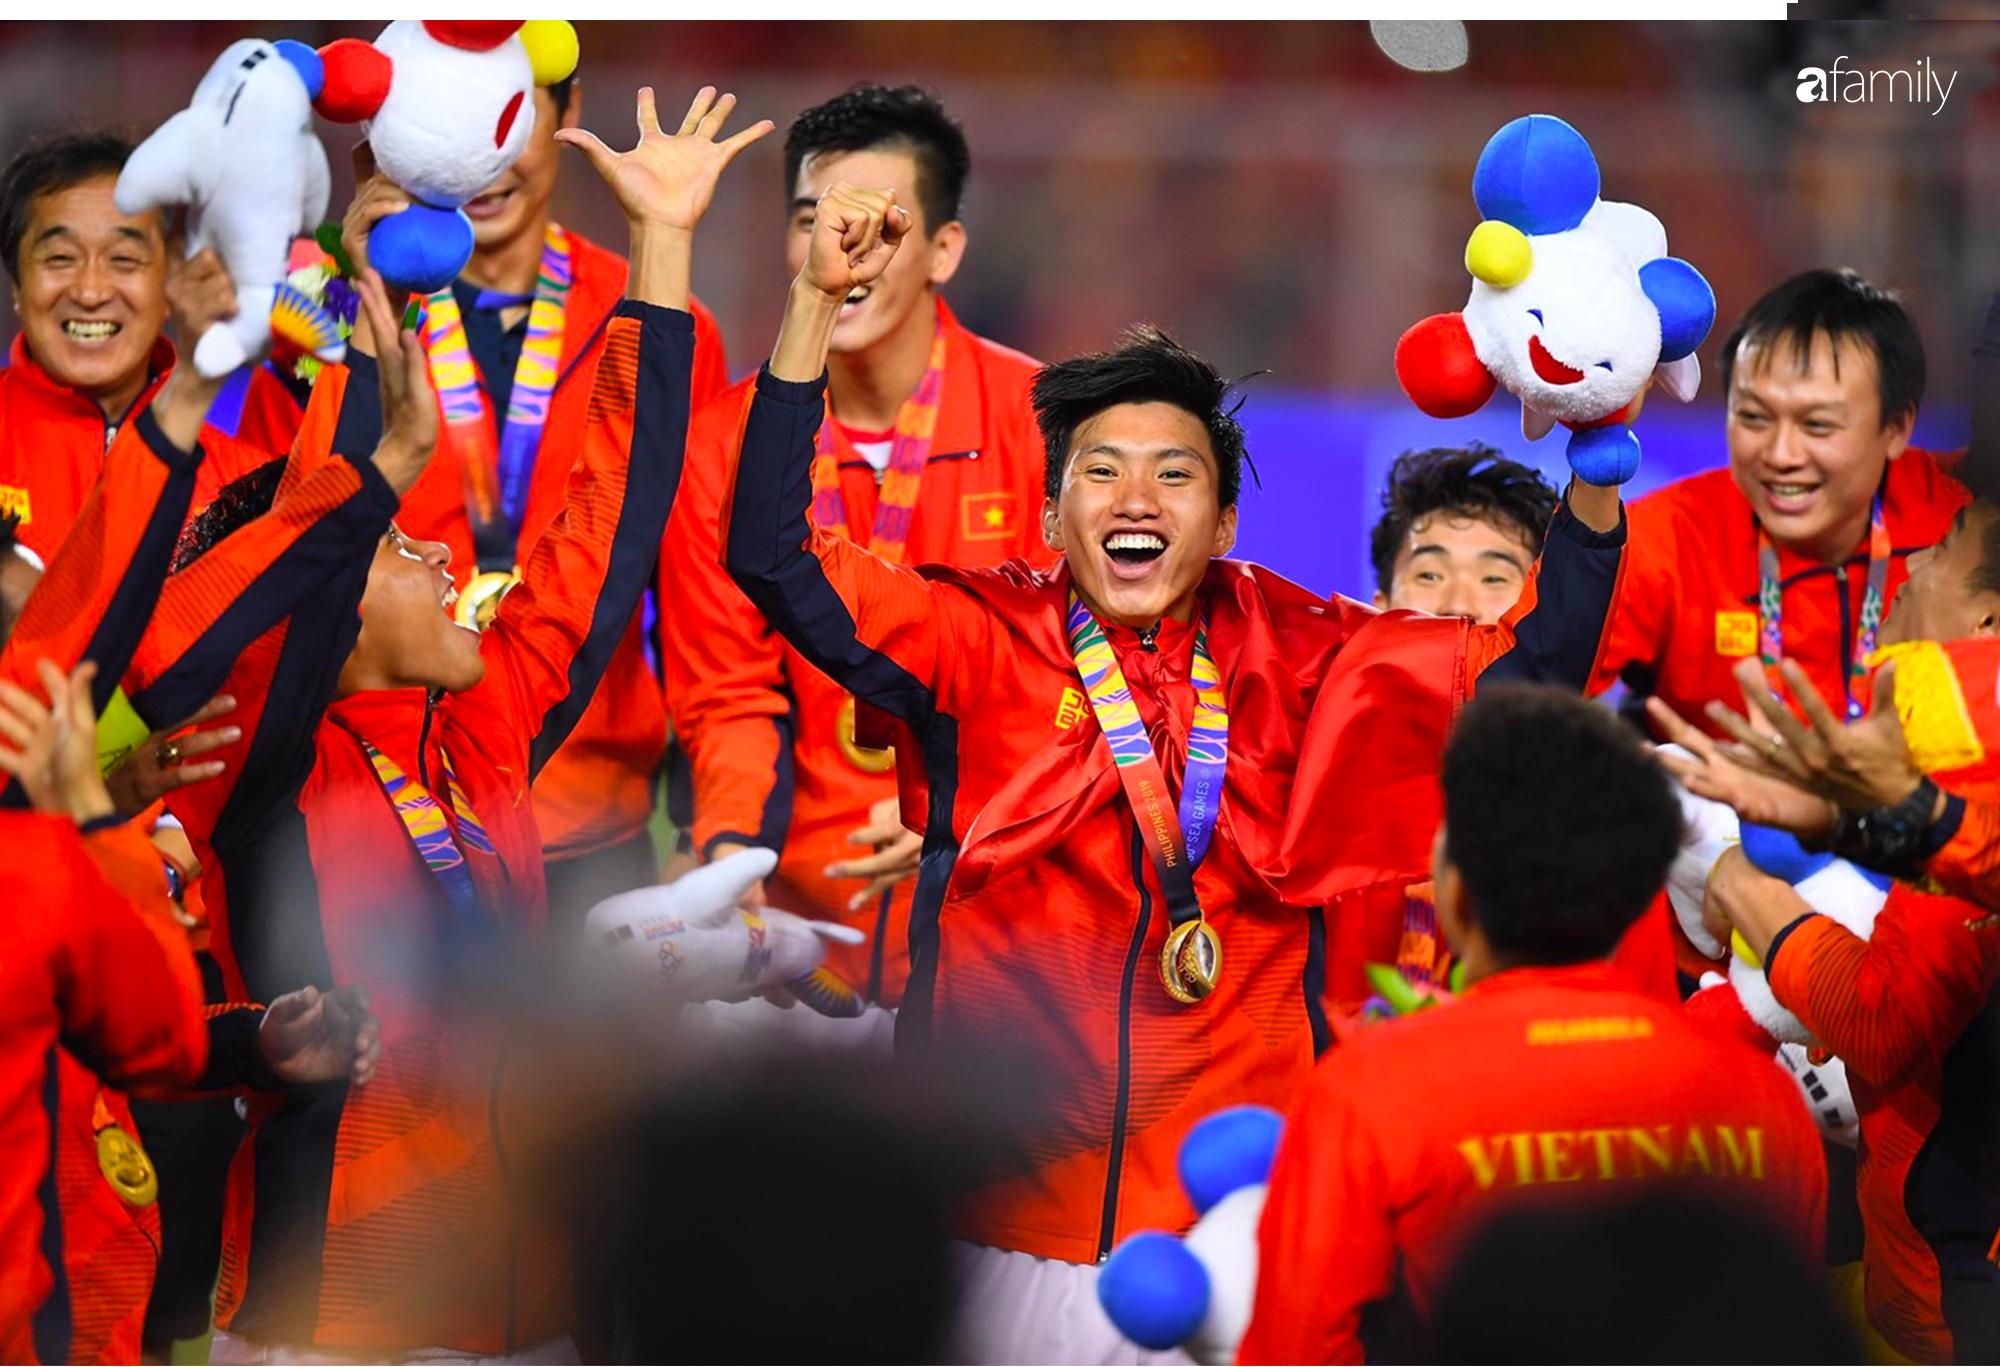 Song hỷ của bóng đá Việt và giấc mơ Vàng 60 năm trở thành sự thật: Không có Lọ Lem hay Thánh Gióng, chỉ có mồ hôi, nước mắt và sự tận hiến - Ảnh 11.